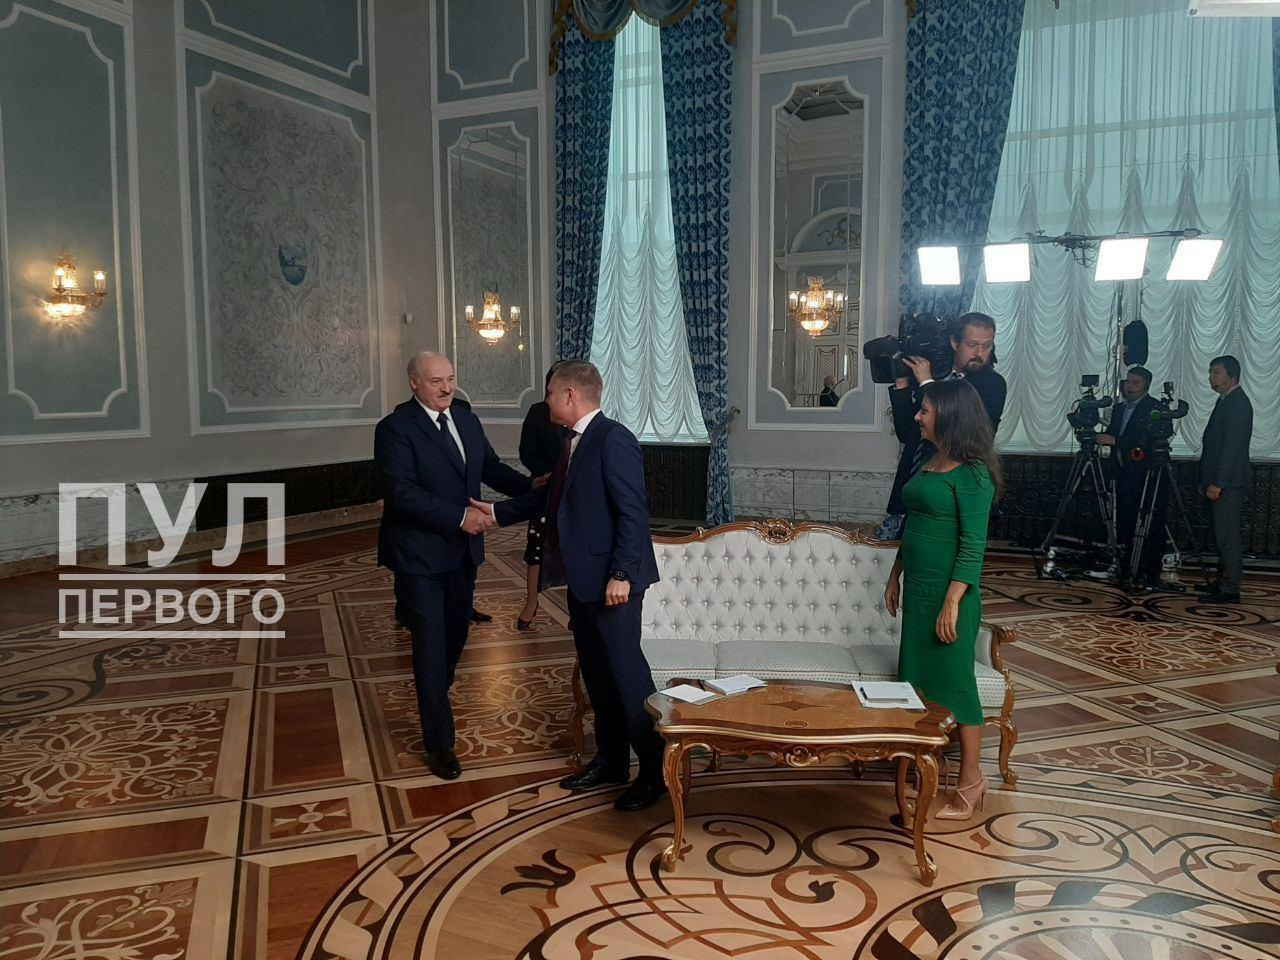 Симоньян и другие пропагандисты Кремля приехали в Минск на интервью с Лукашенко